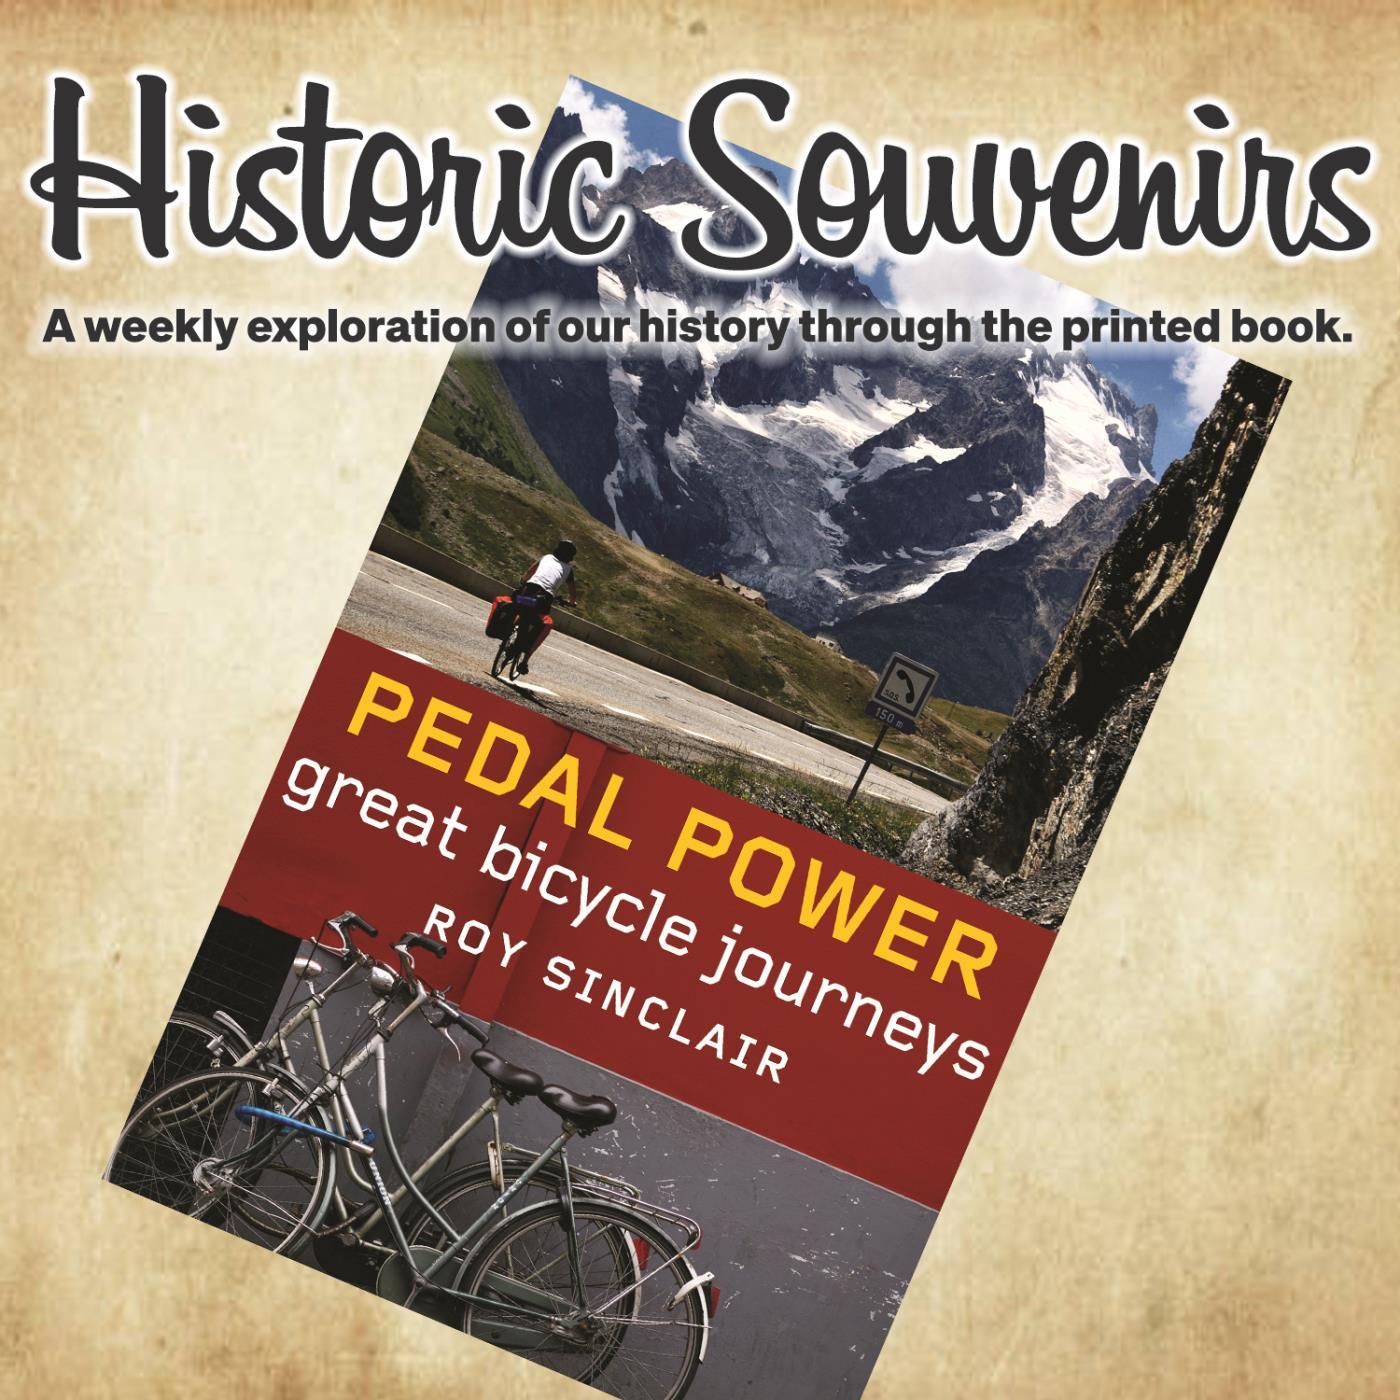 Historic Souvenirs